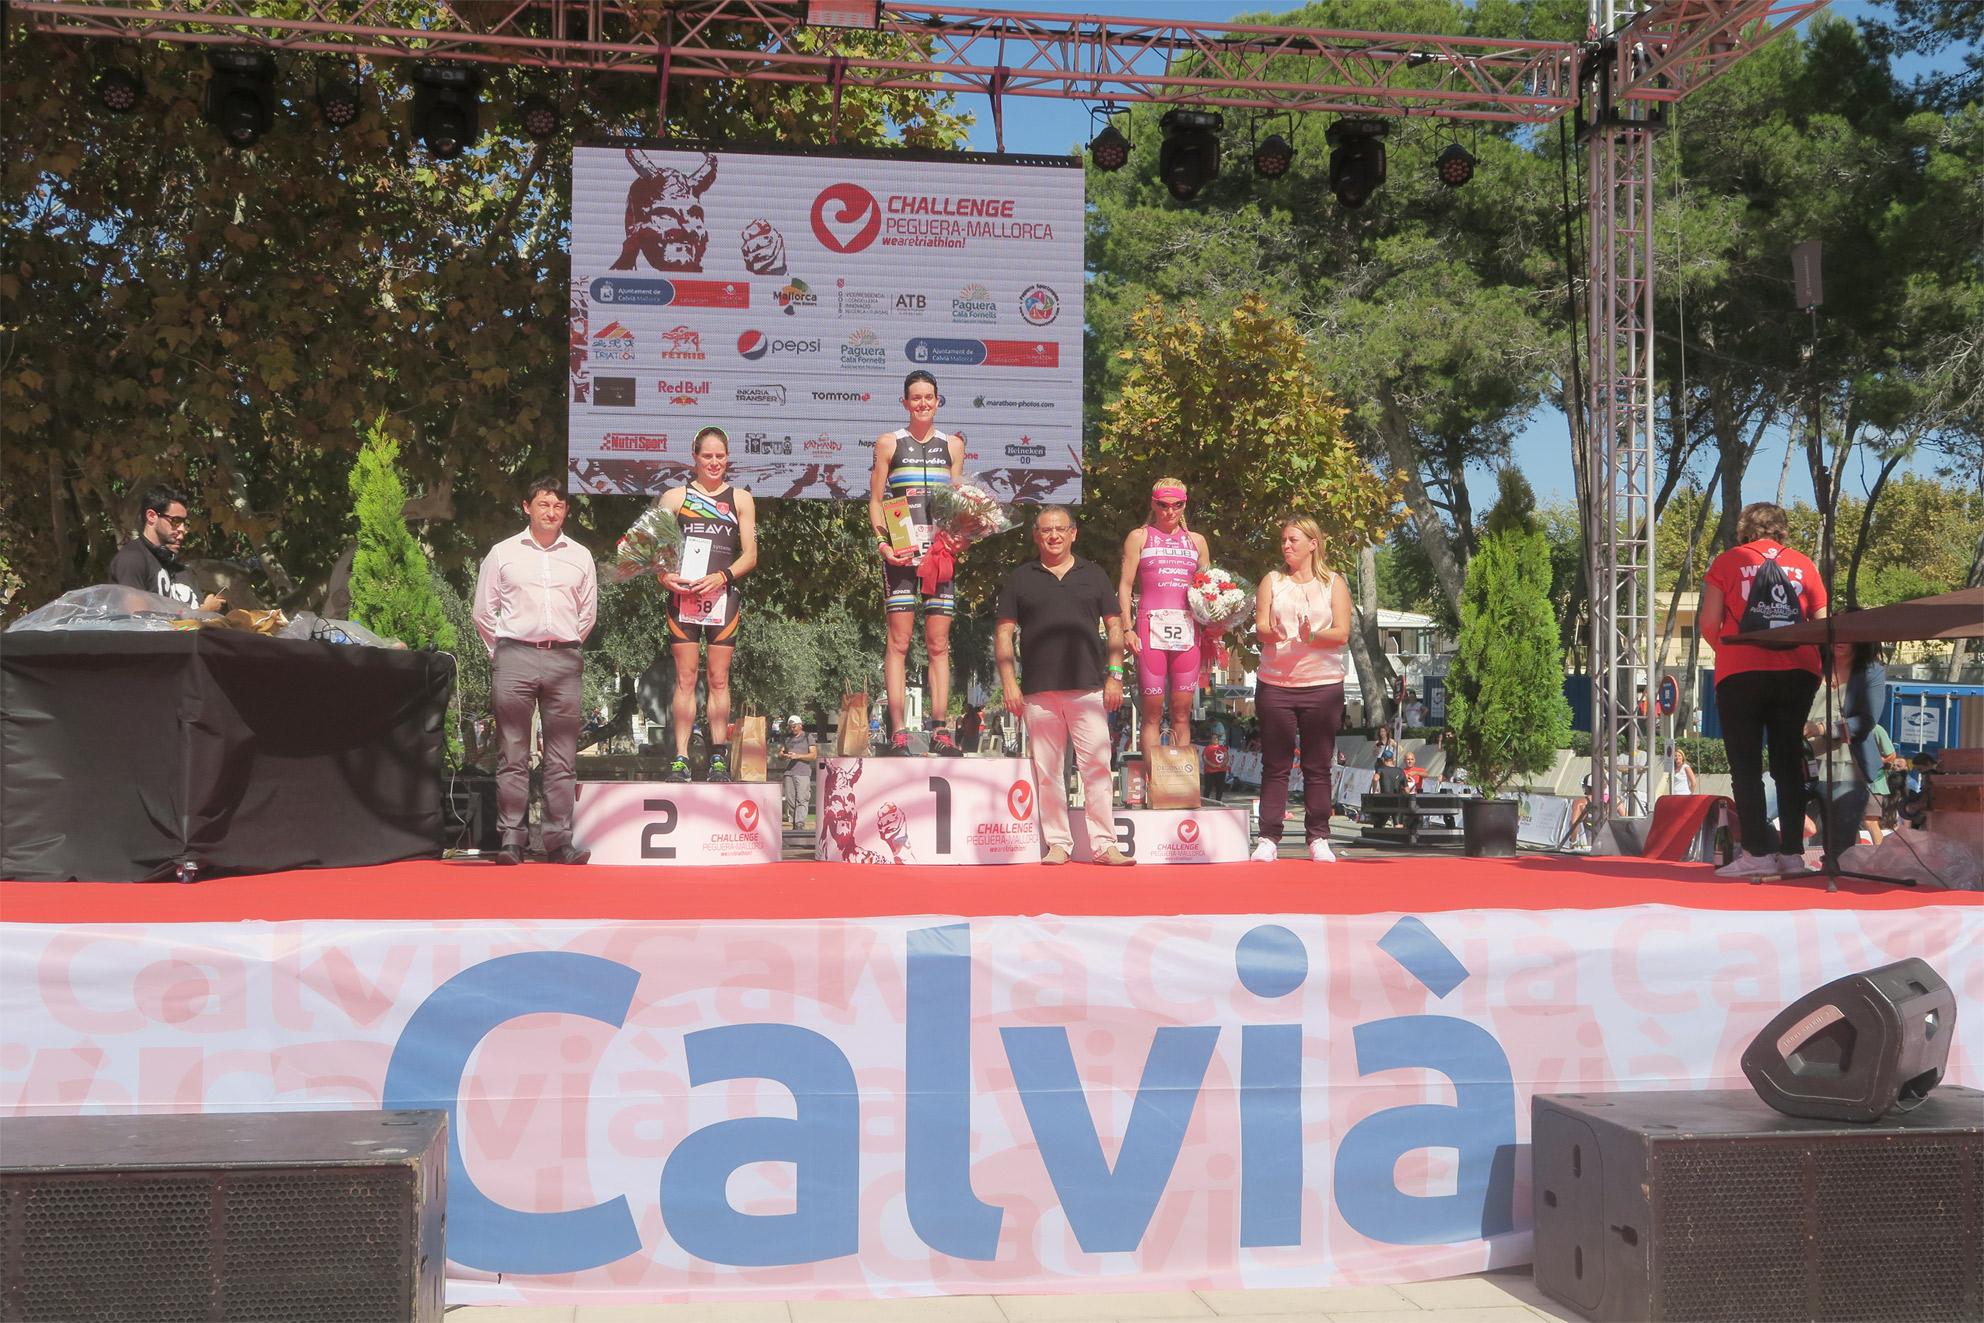 calvia-pegeura-challenge